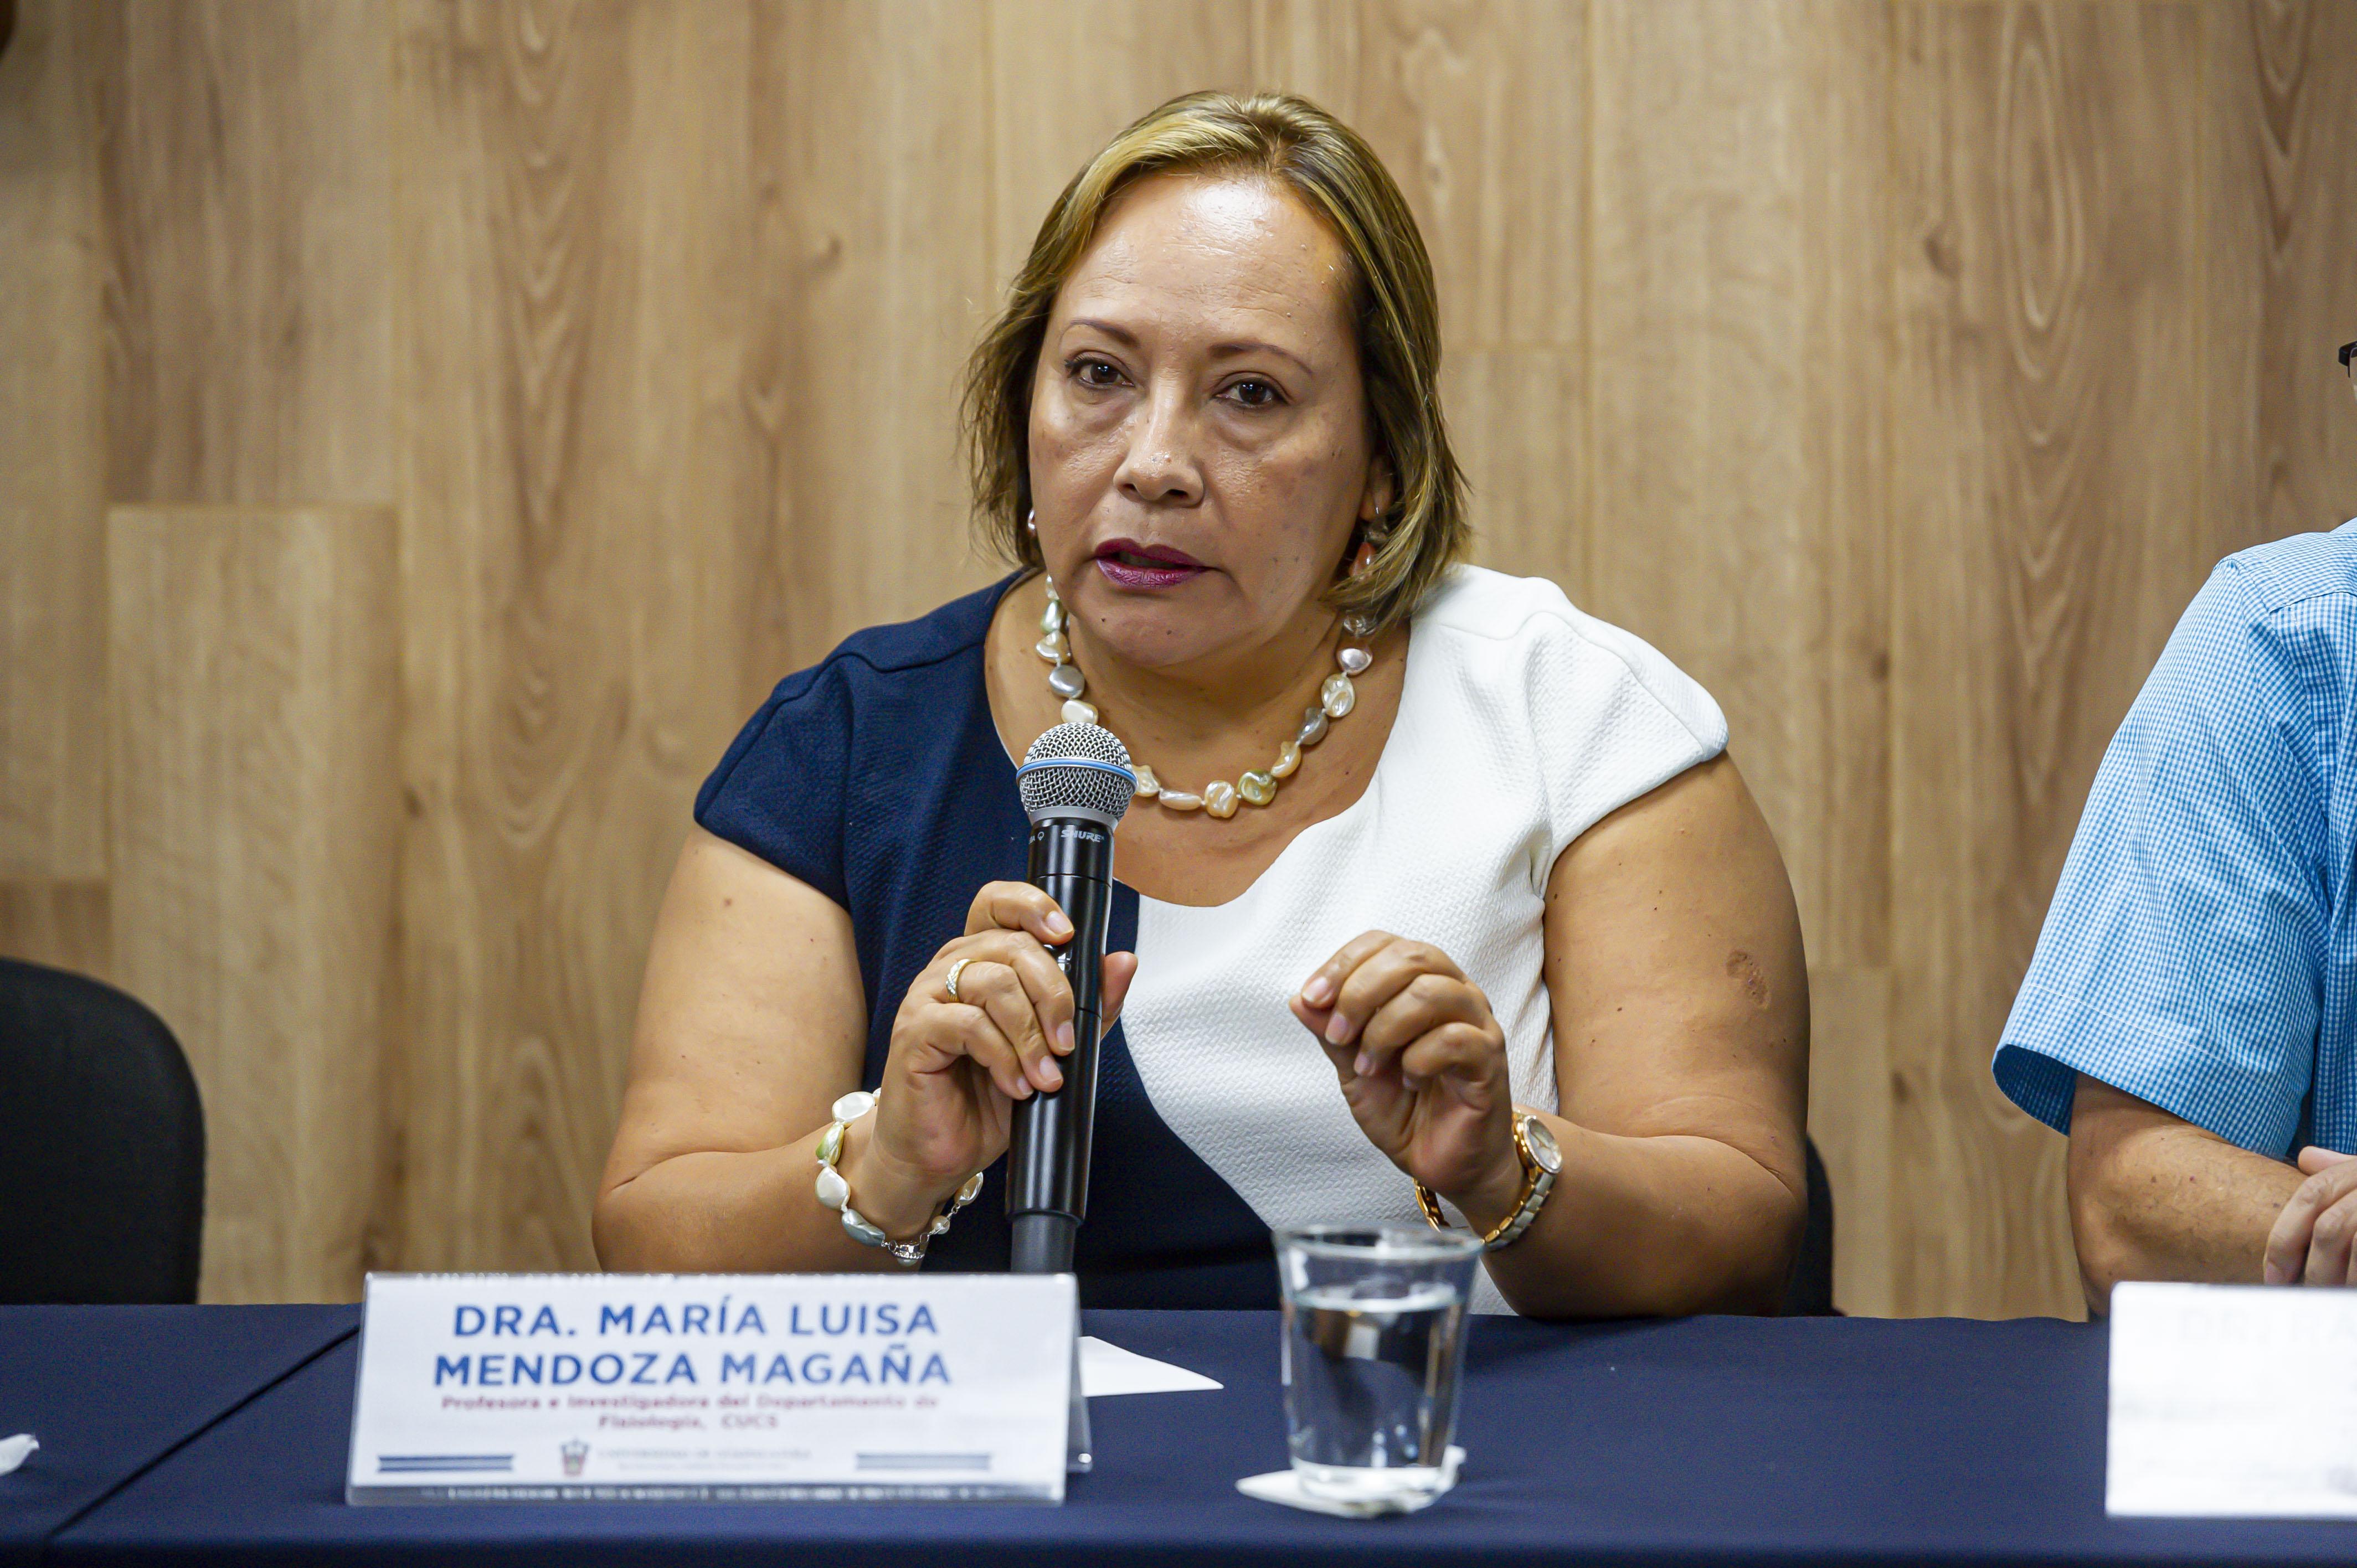 Dra. Maria Luisa Mendoza haciendo uso de la voz